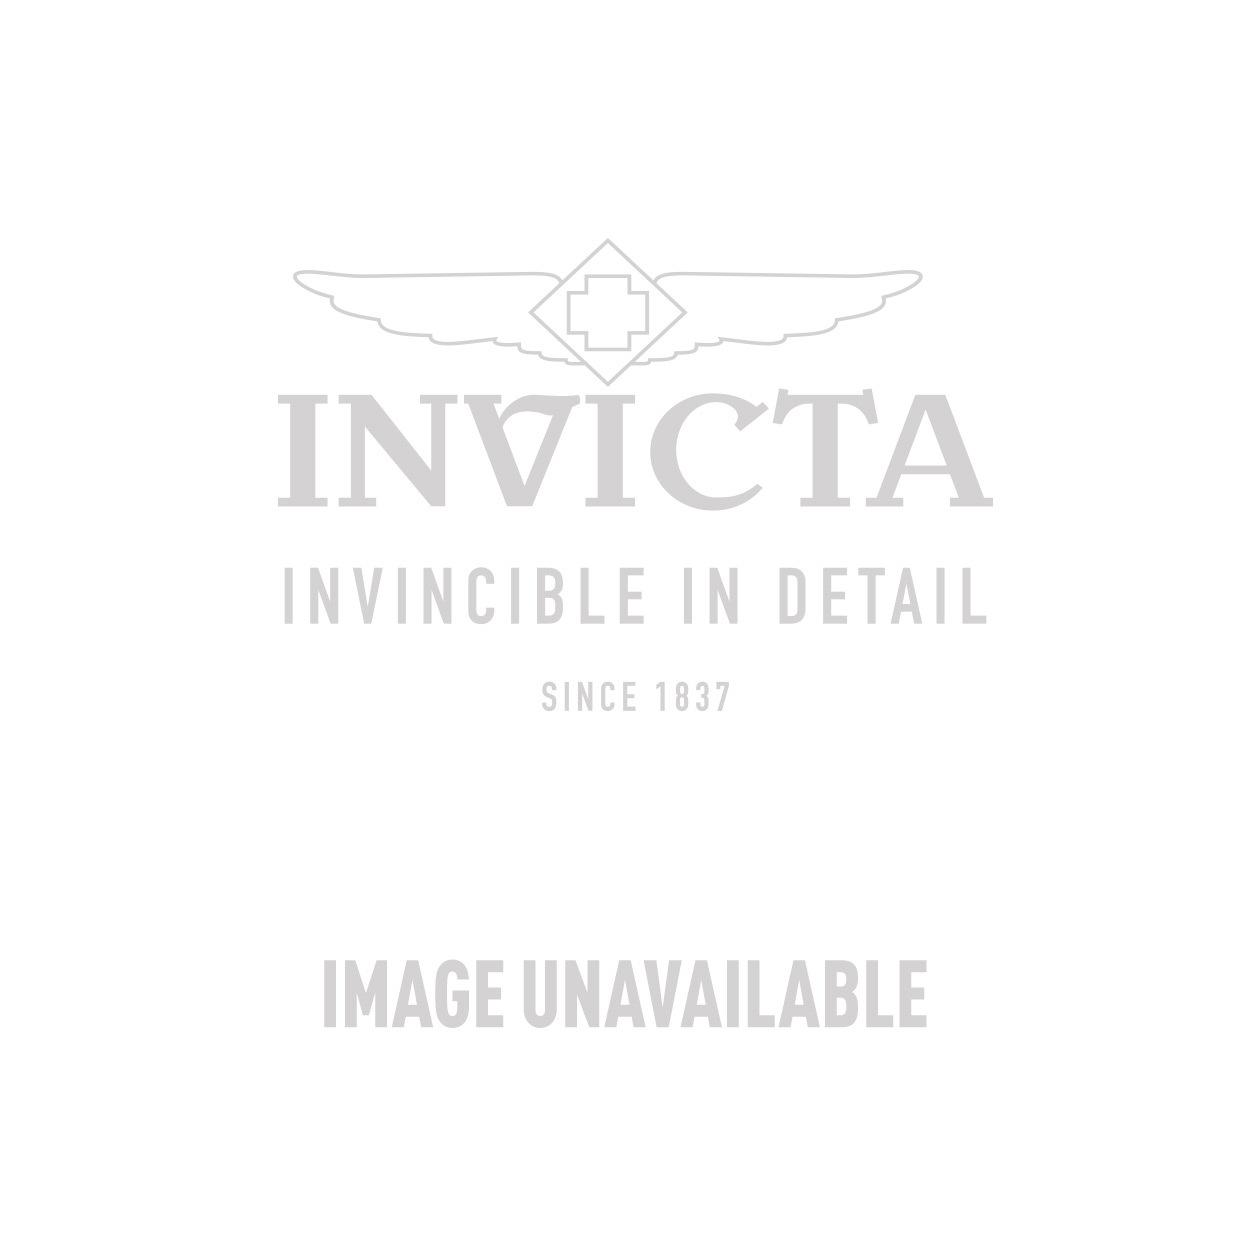 Invicta Model 27708